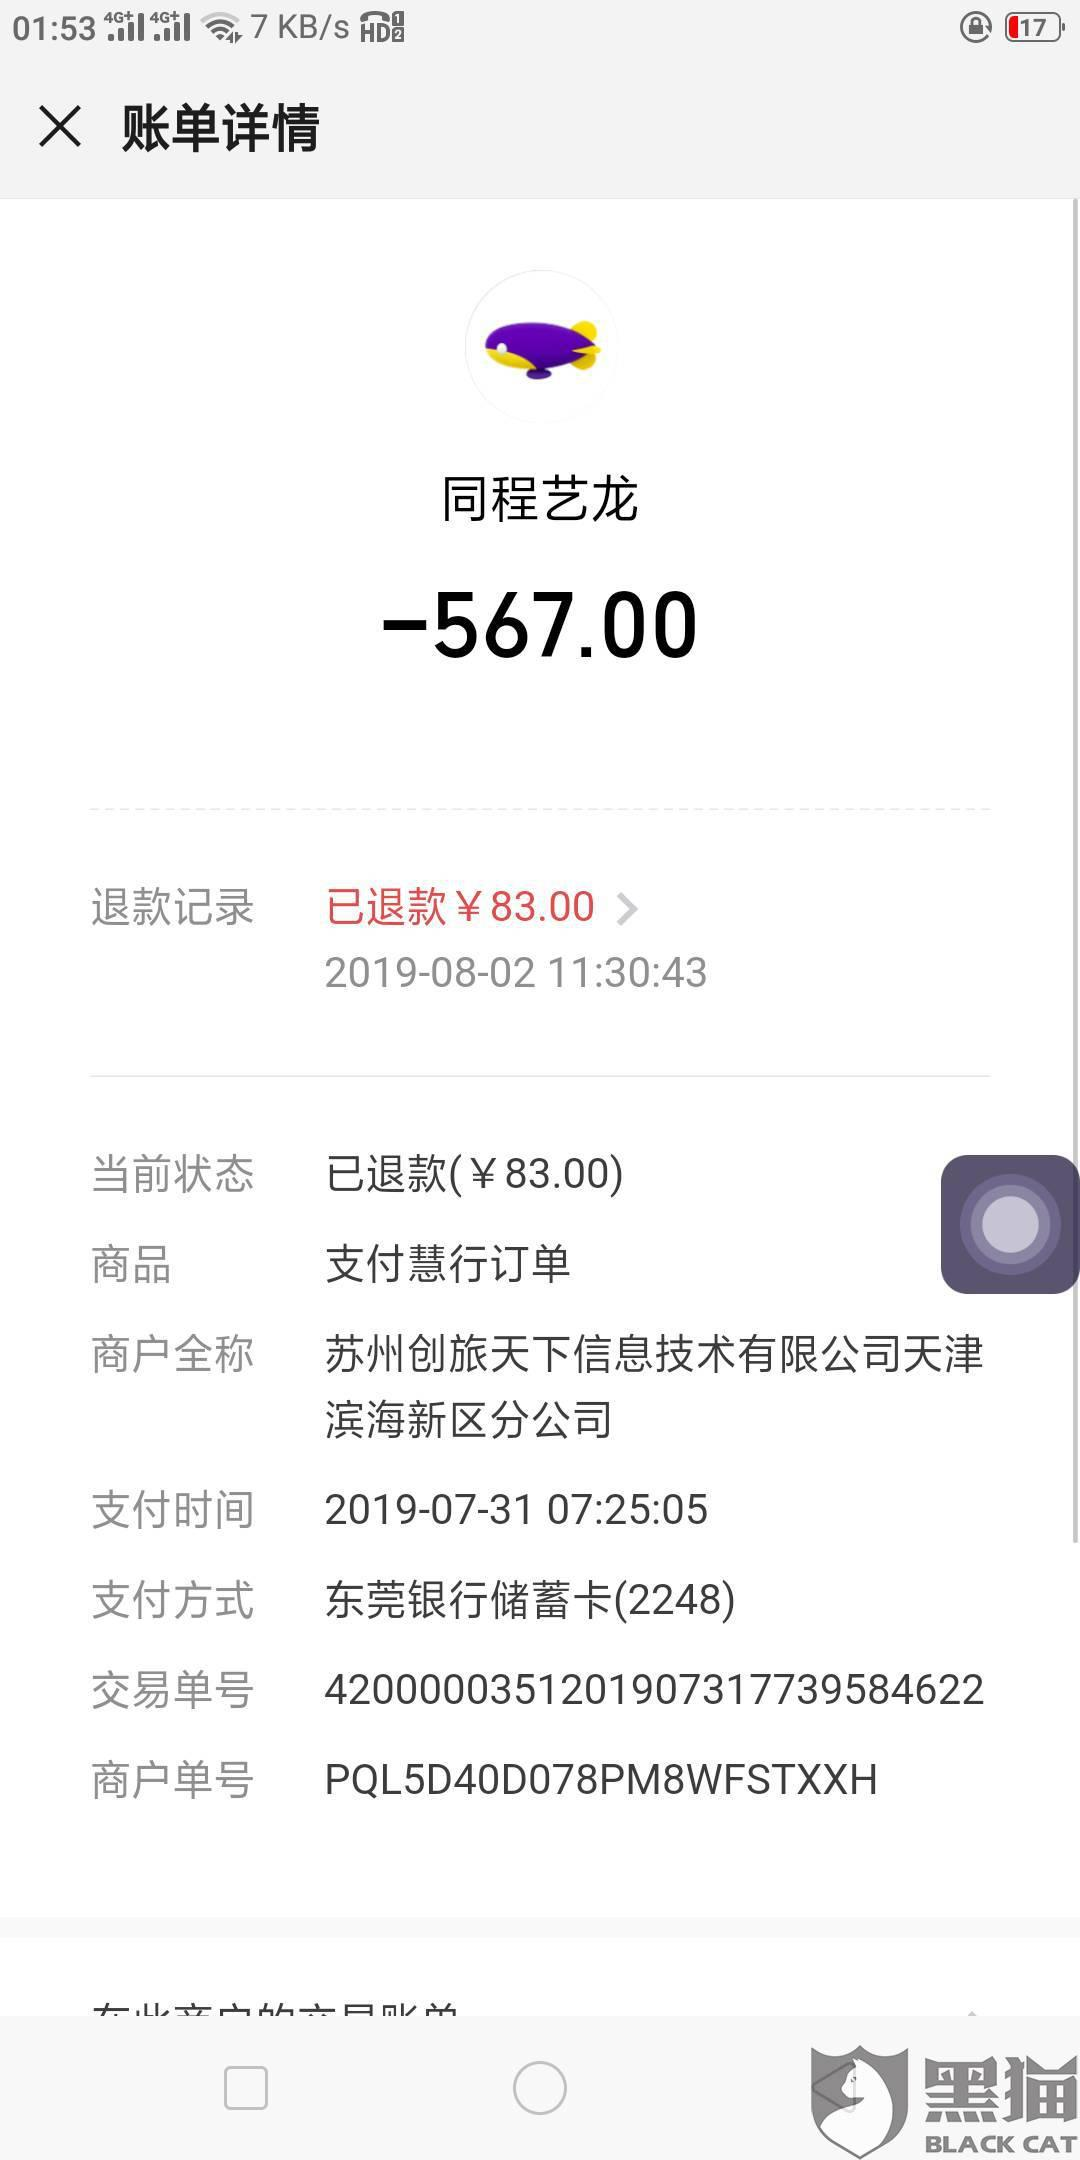 黑猫投诉:苏州创旅天下信息技术有限公司天津滨海新区分公司 同程艺龙